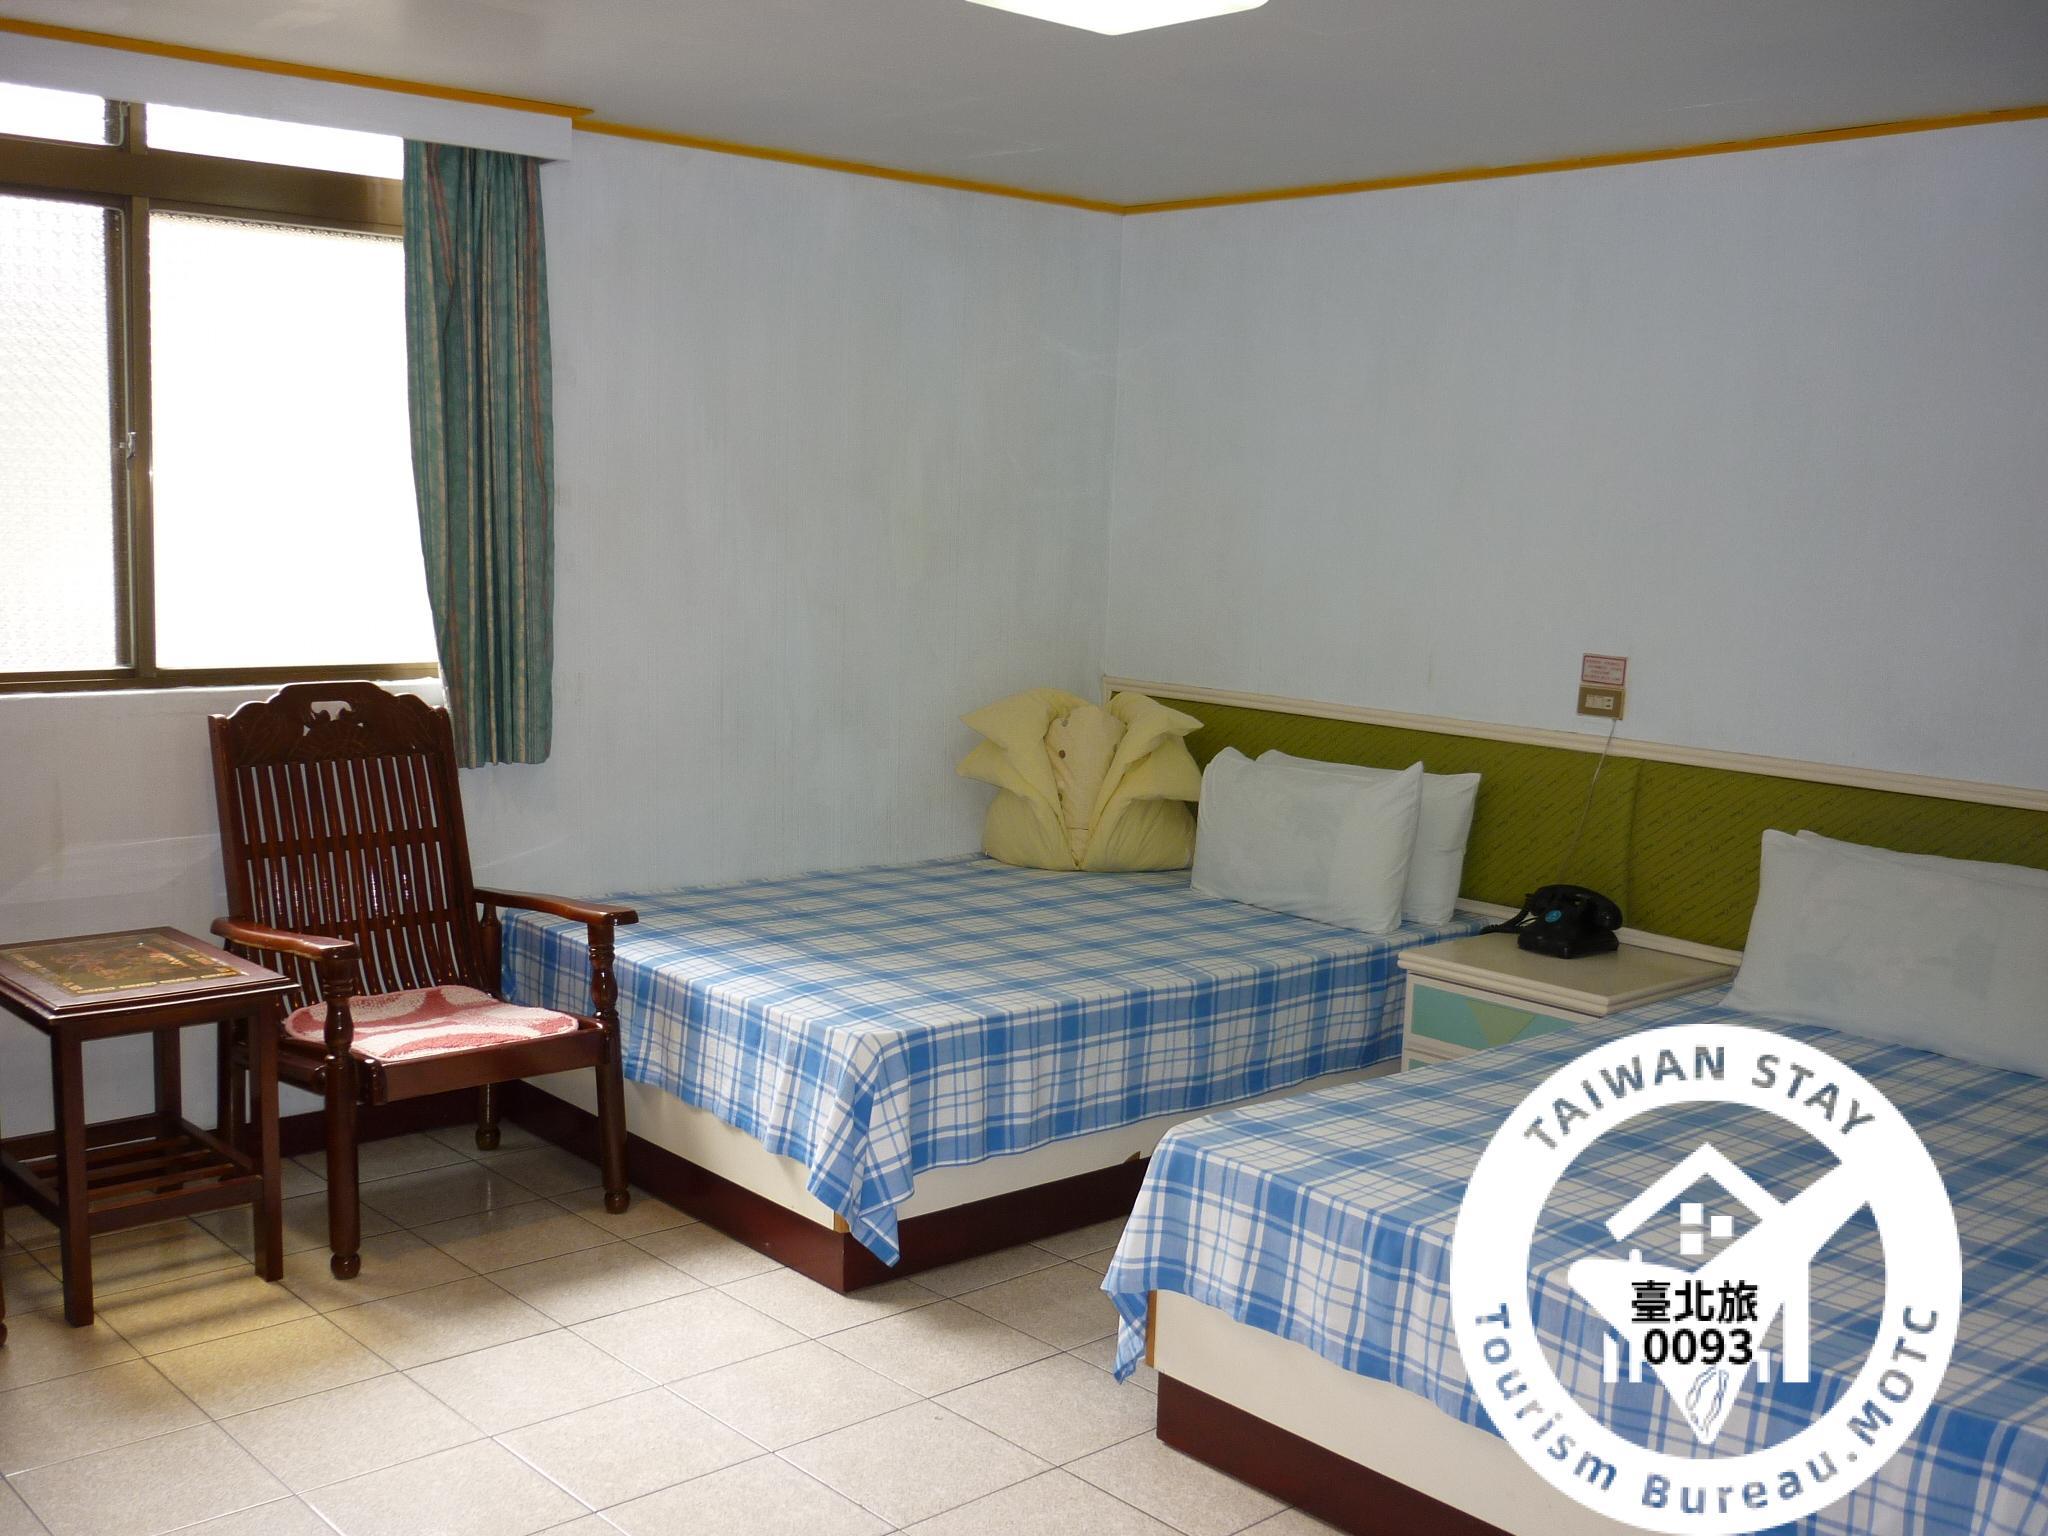 雙 床 房照片_1